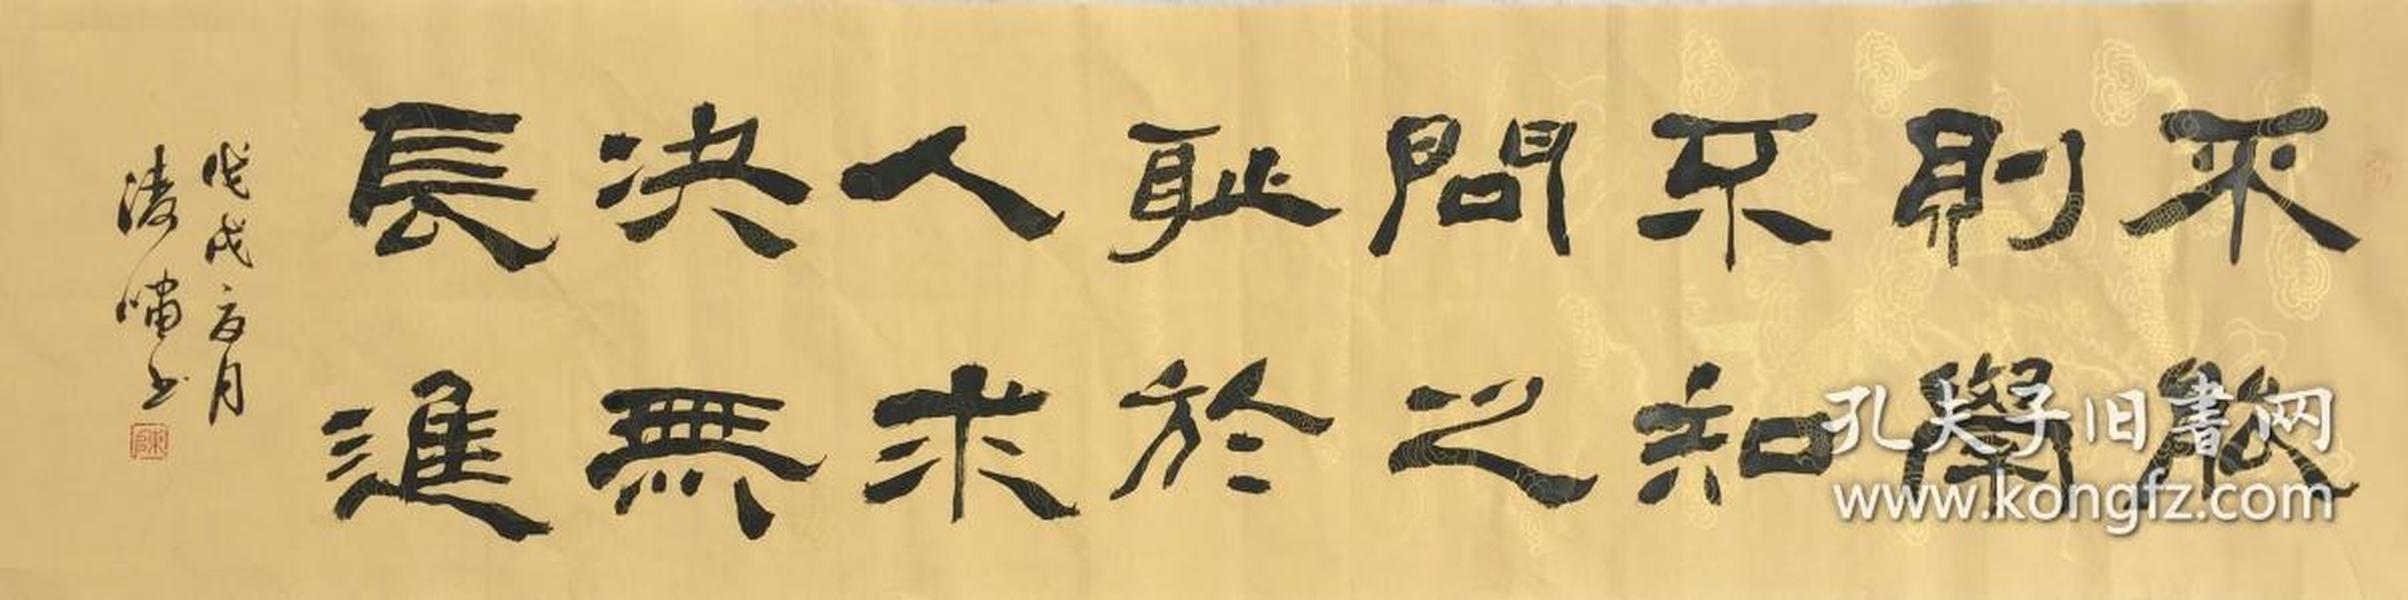 【孔网首家☆低价惠友】L-5河南书法名家凌啸先生精品书法作品1件(保真)